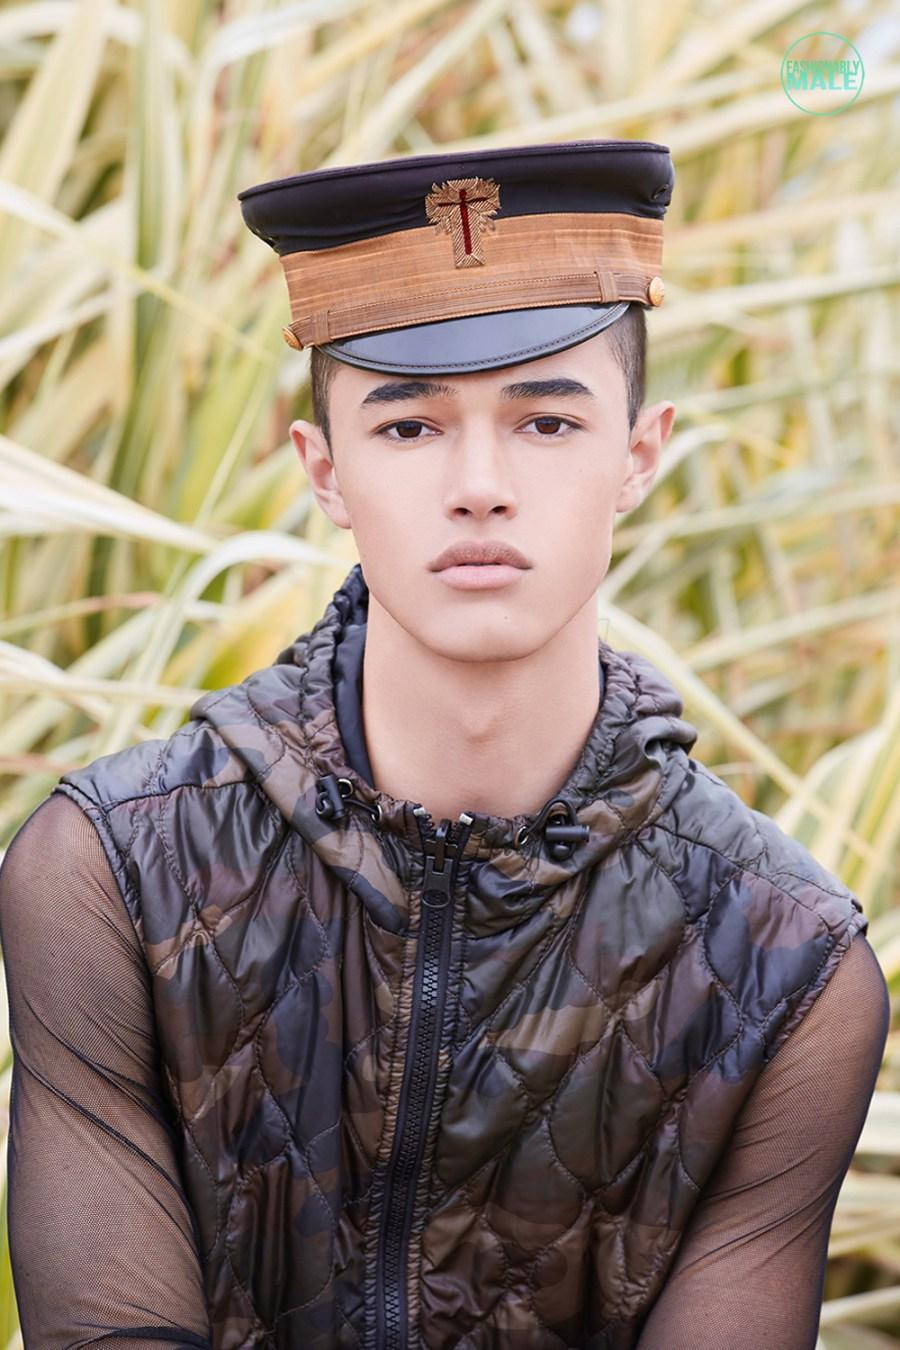 Seth McBride by Donato Di Natale for Fashionably Male10